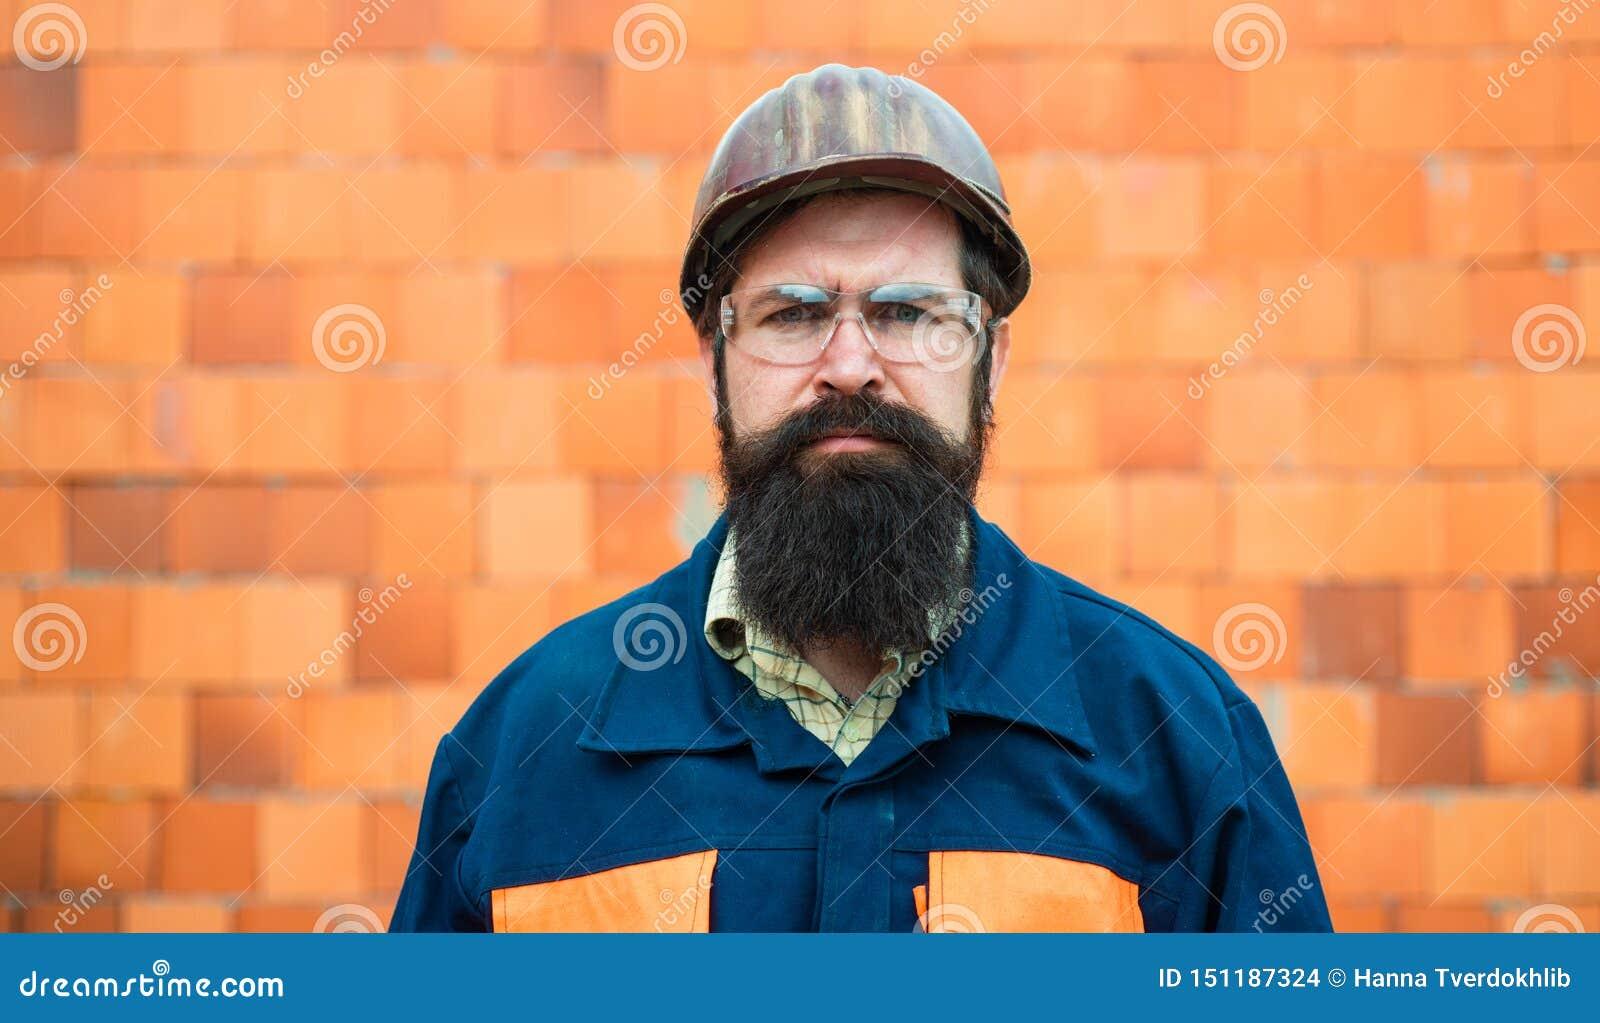 建造者 画象机械工作者 衣服的有胡子的人与建筑盔甲 英俊的工程师画象